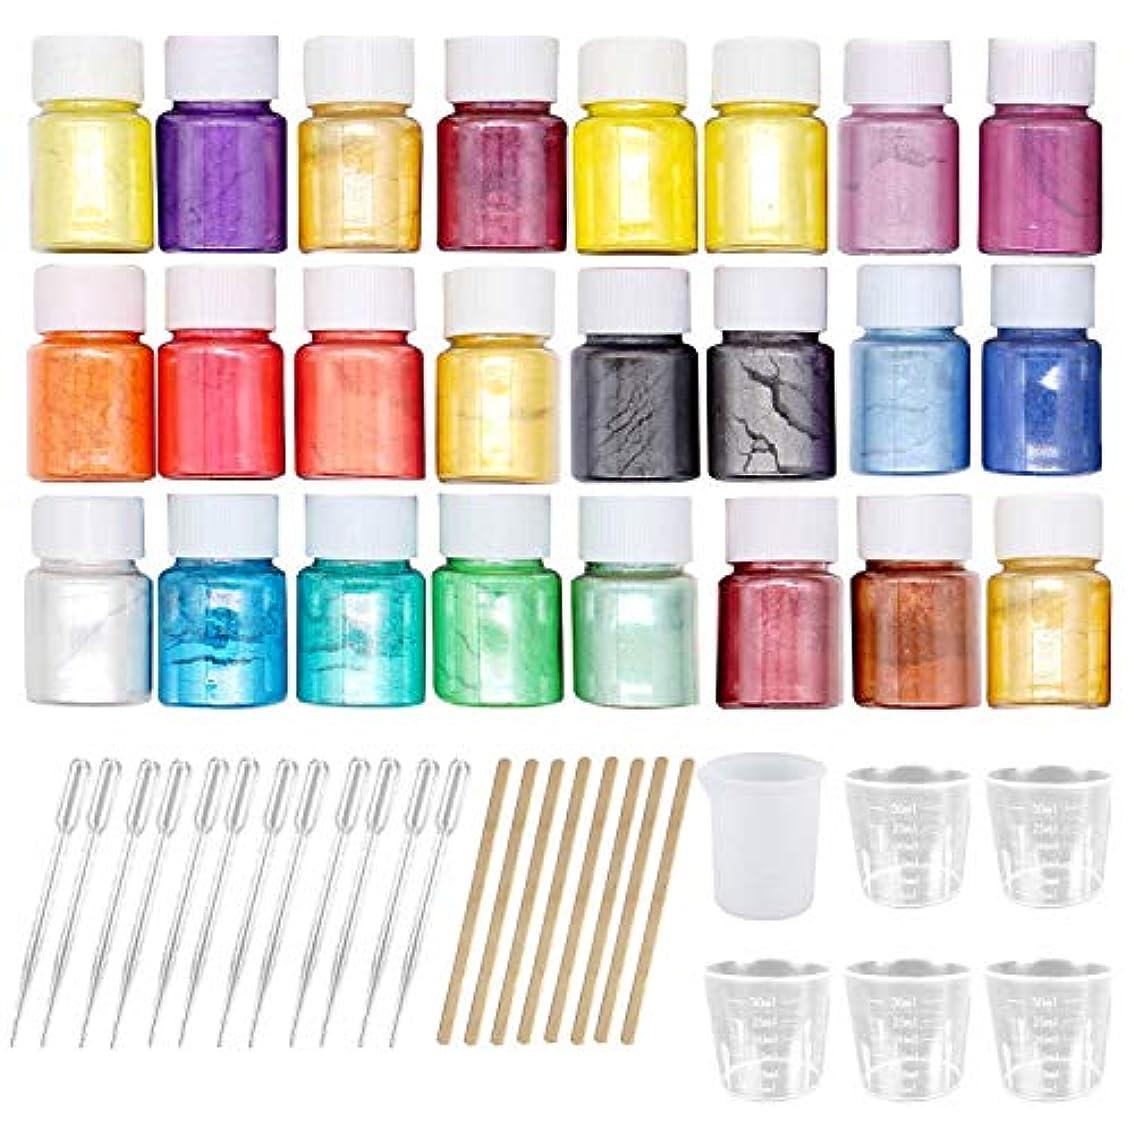 交響曲ハロウィン寄託マイカパウダー Migavan マイカパールパウダー 24色着色剤顔料マイカパールパウダー+ 8ピース木製ロッド+ 6ピース計量カップ+ 12ピーススポイト用diyクラフトスライム用品ランダムな色